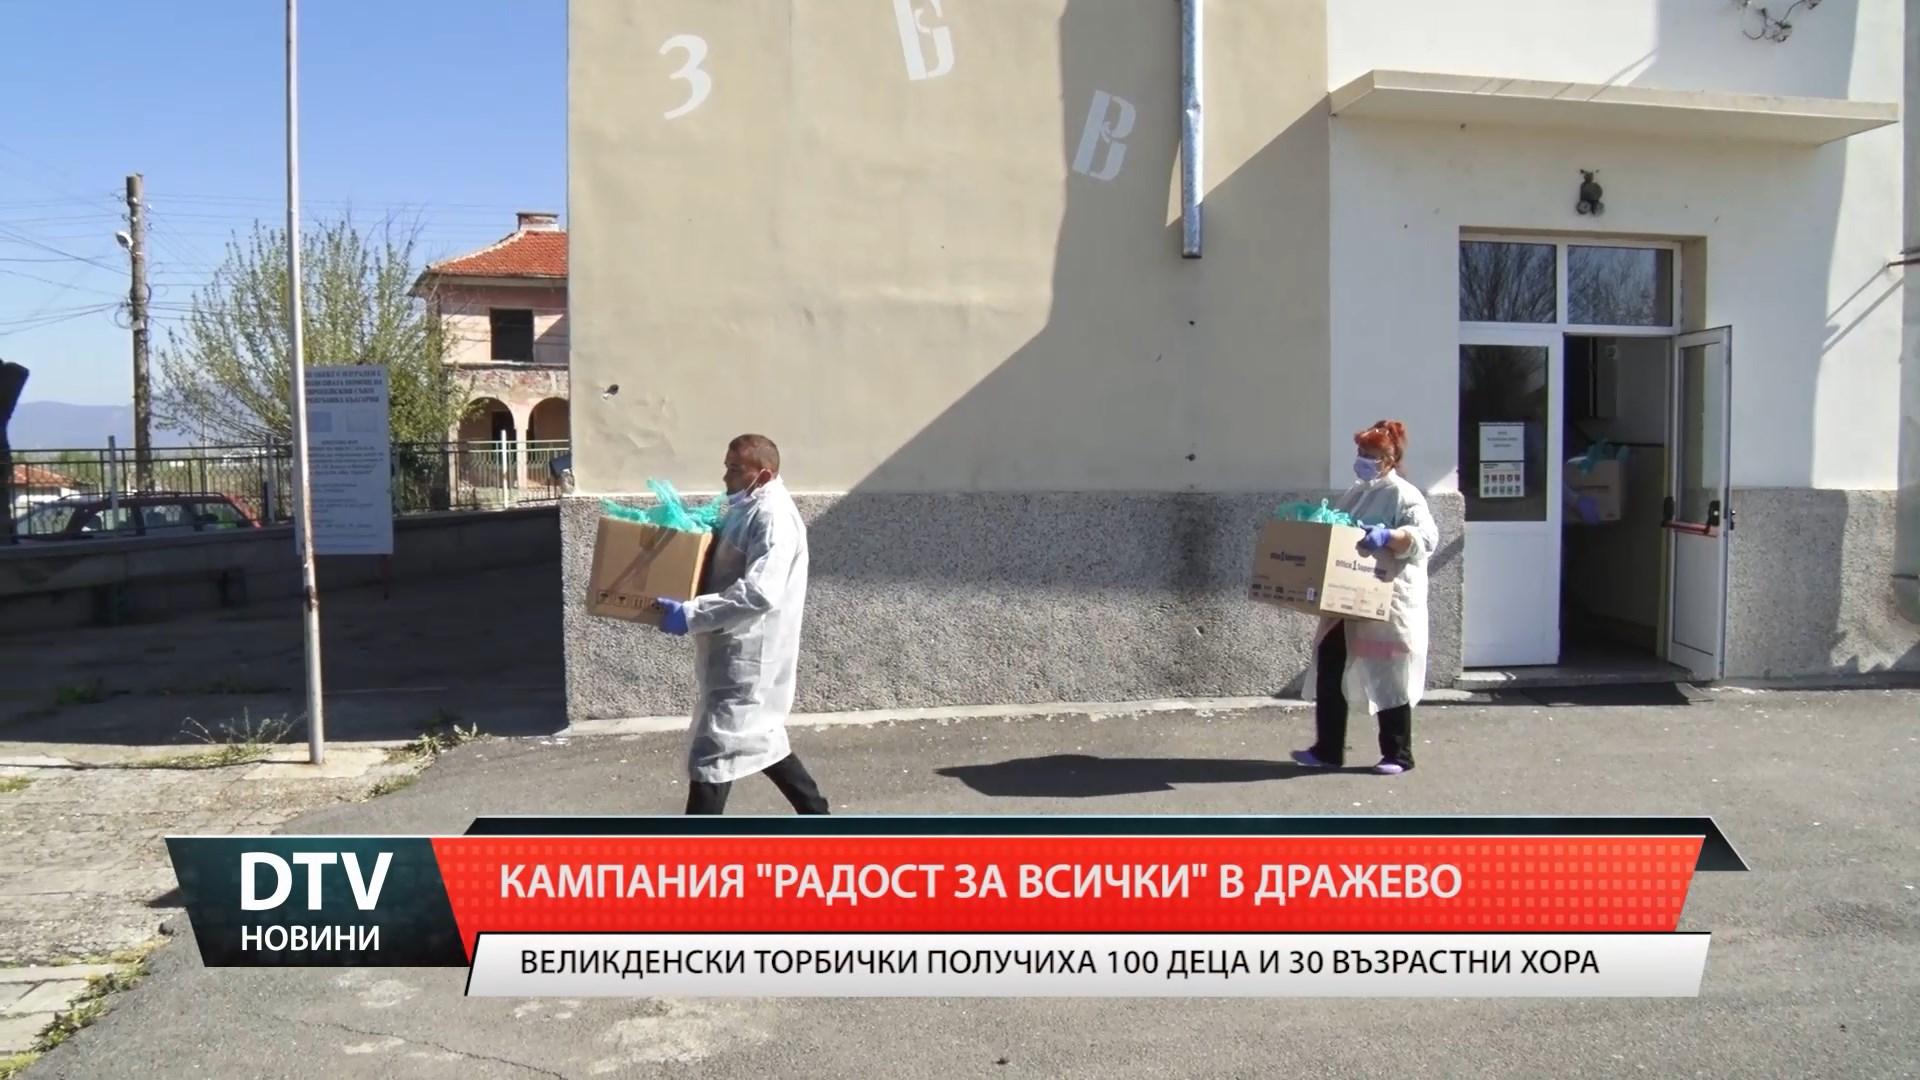 Благотворителна  кампания в Дражево